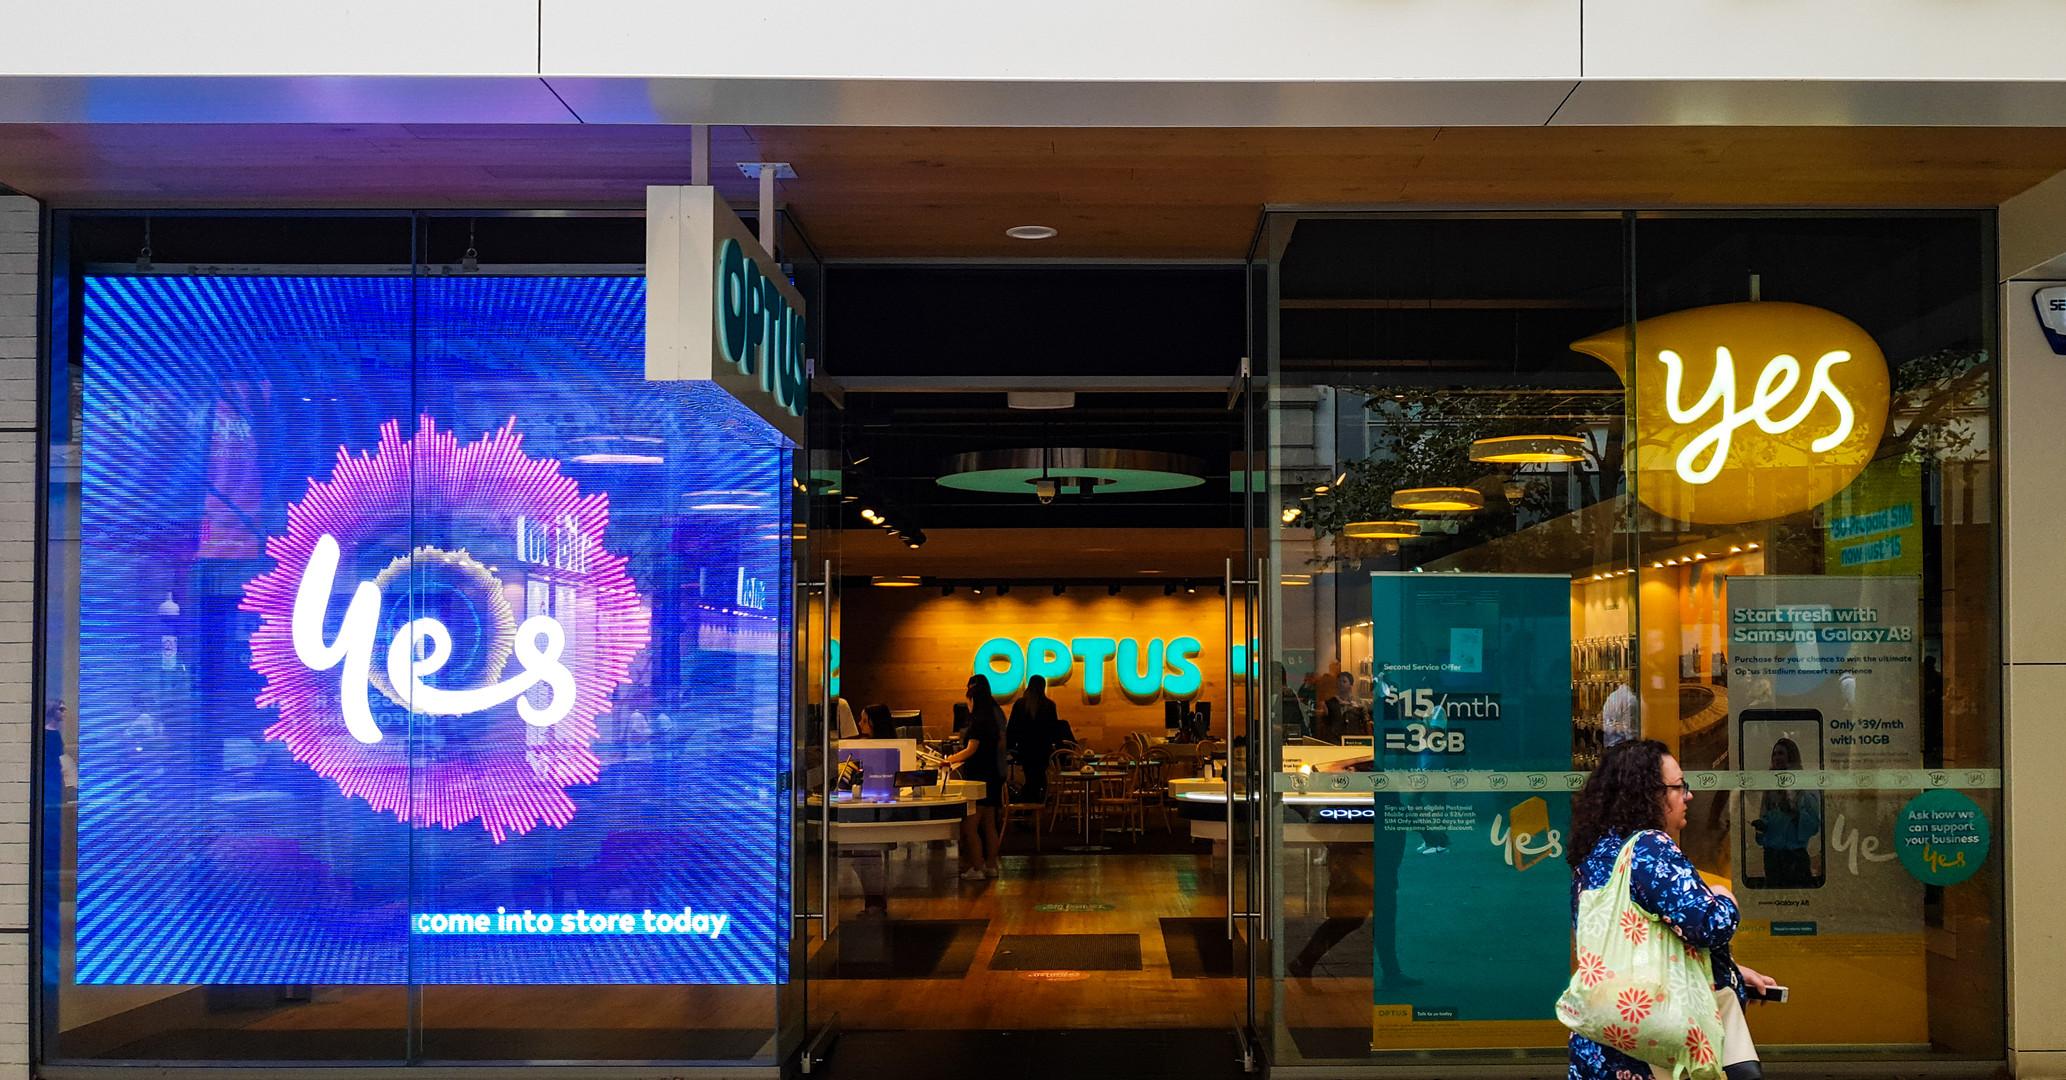 Optus Store Perth